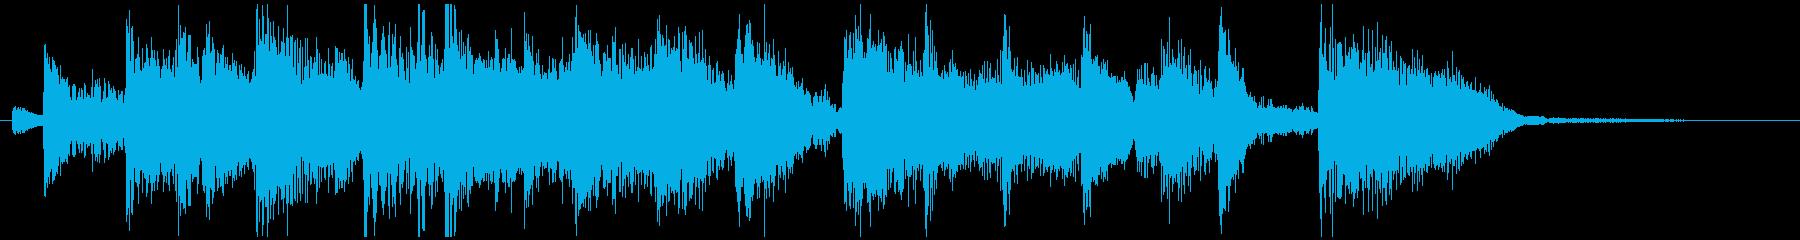 場面転換などにジャズジングル(14)の再生済みの波形